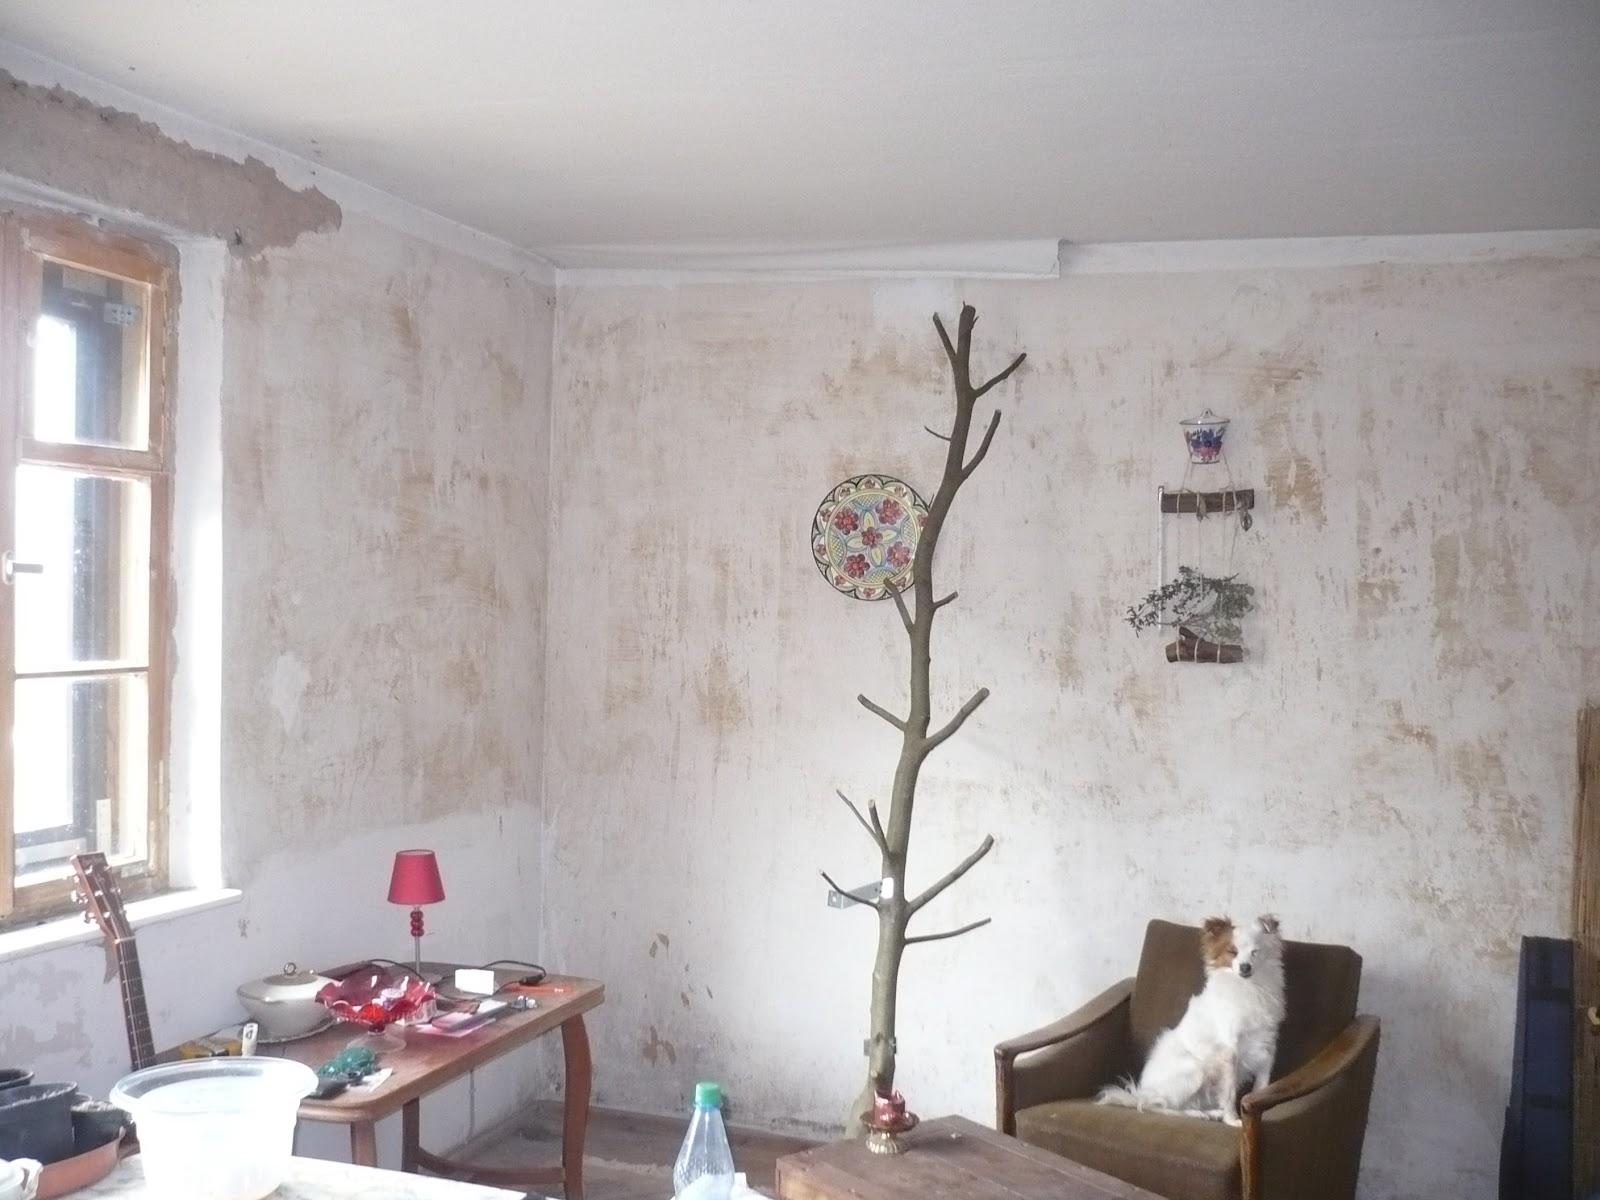 karl erwin und die frau ein haus wird gl cklich k chen und wohnzimmerdecke. Black Bedroom Furniture Sets. Home Design Ideas